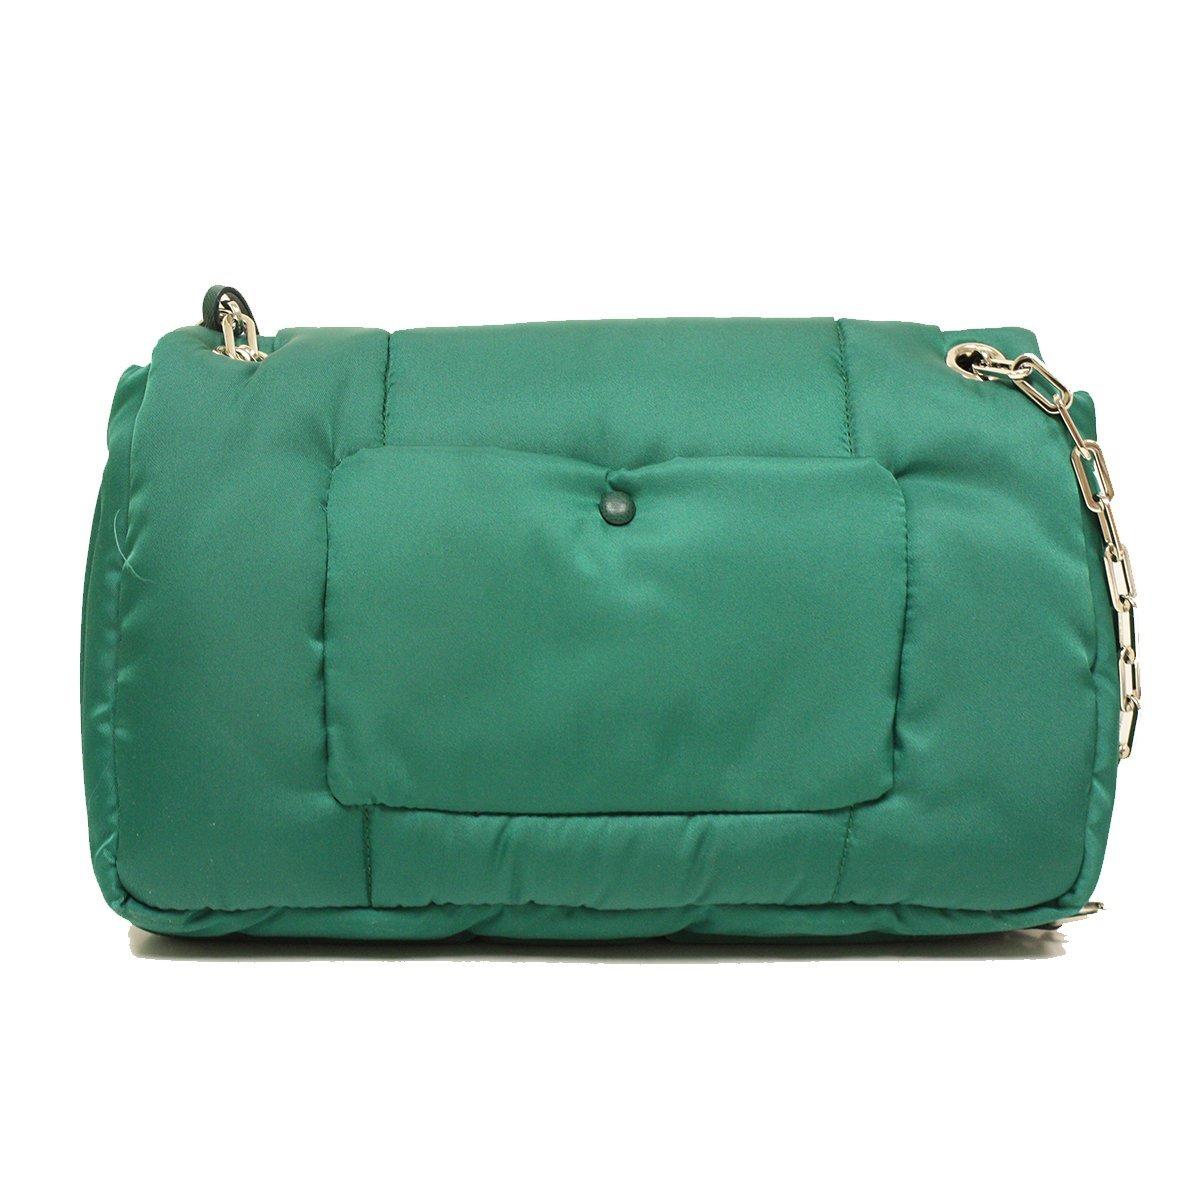 Prada BR5024 Green Tessuto Bomber Pattina Shoulder Bag  Handbags  Amazon.com a5714d9a622f1